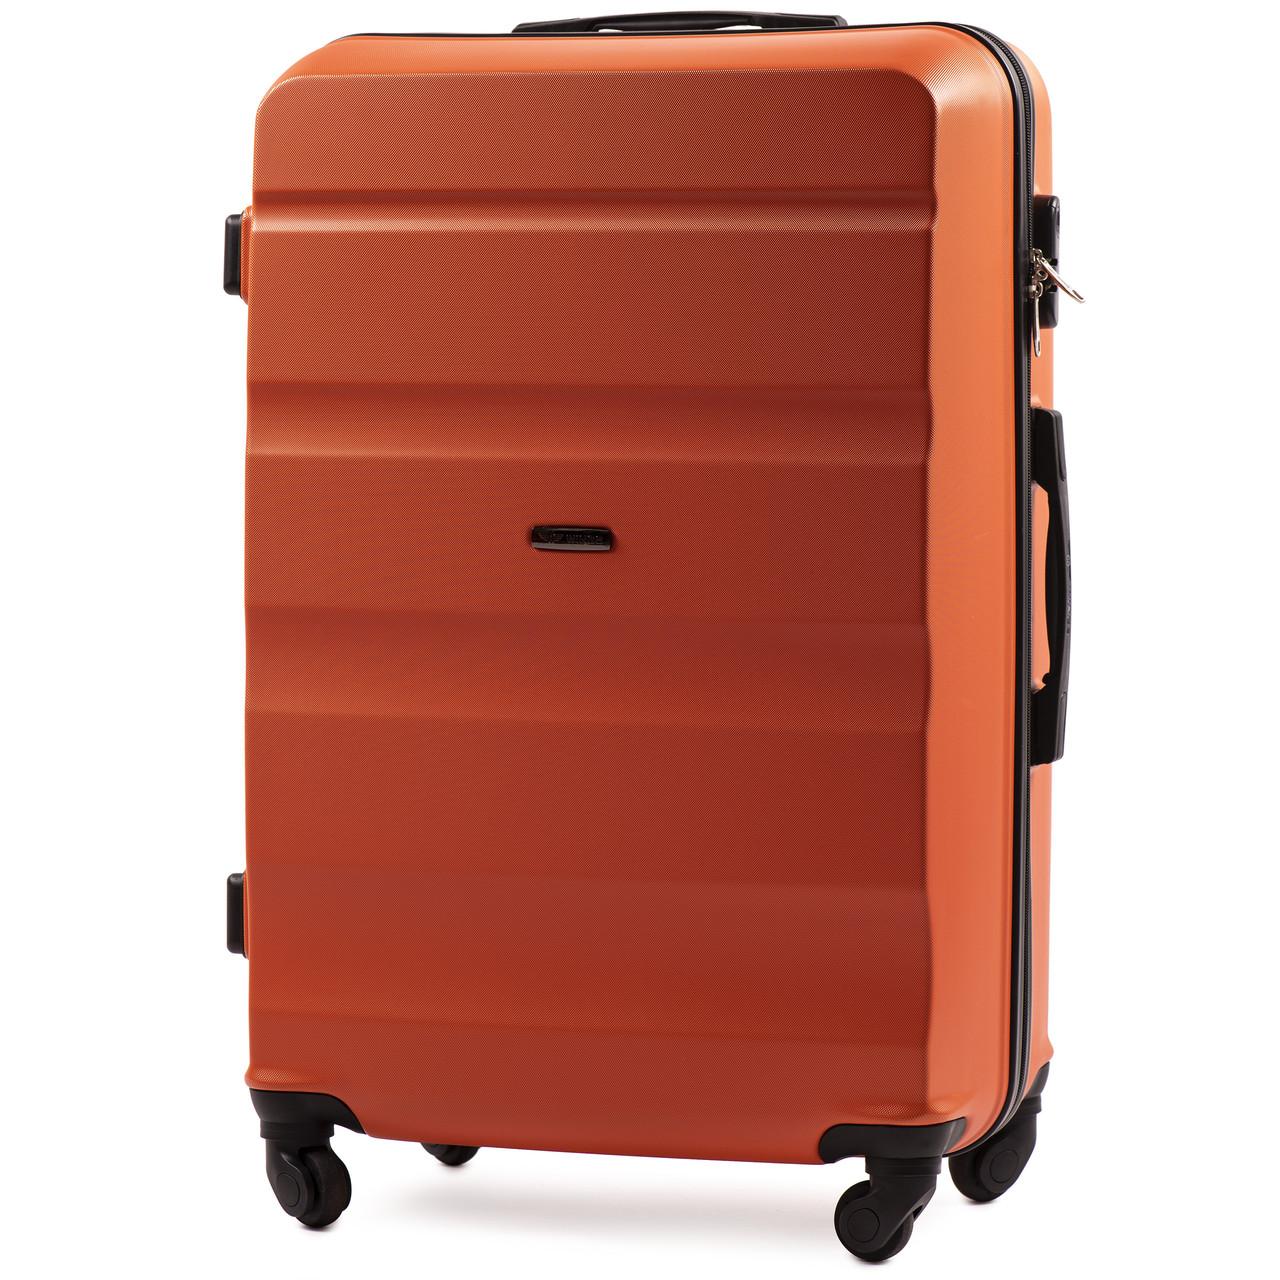 Малый пластиковый чемодан Wings AT01 на 4 колесах оранжевый